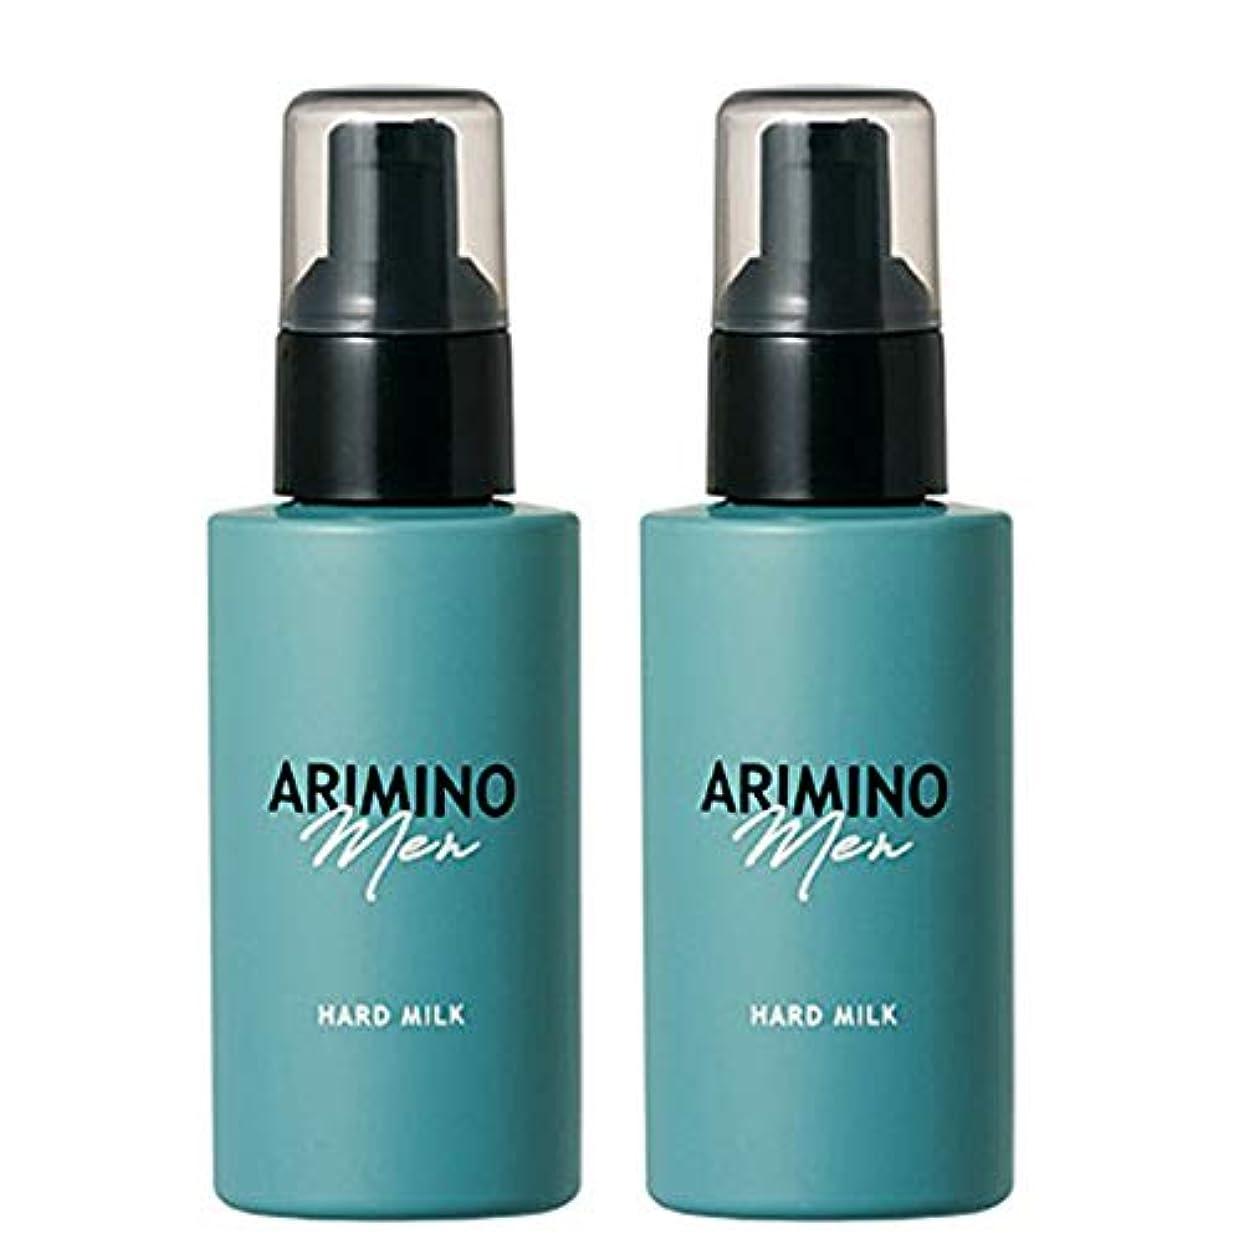 おんどり折講師アリミノ メン ハード ミルク 100g ×2個 セット arimino men